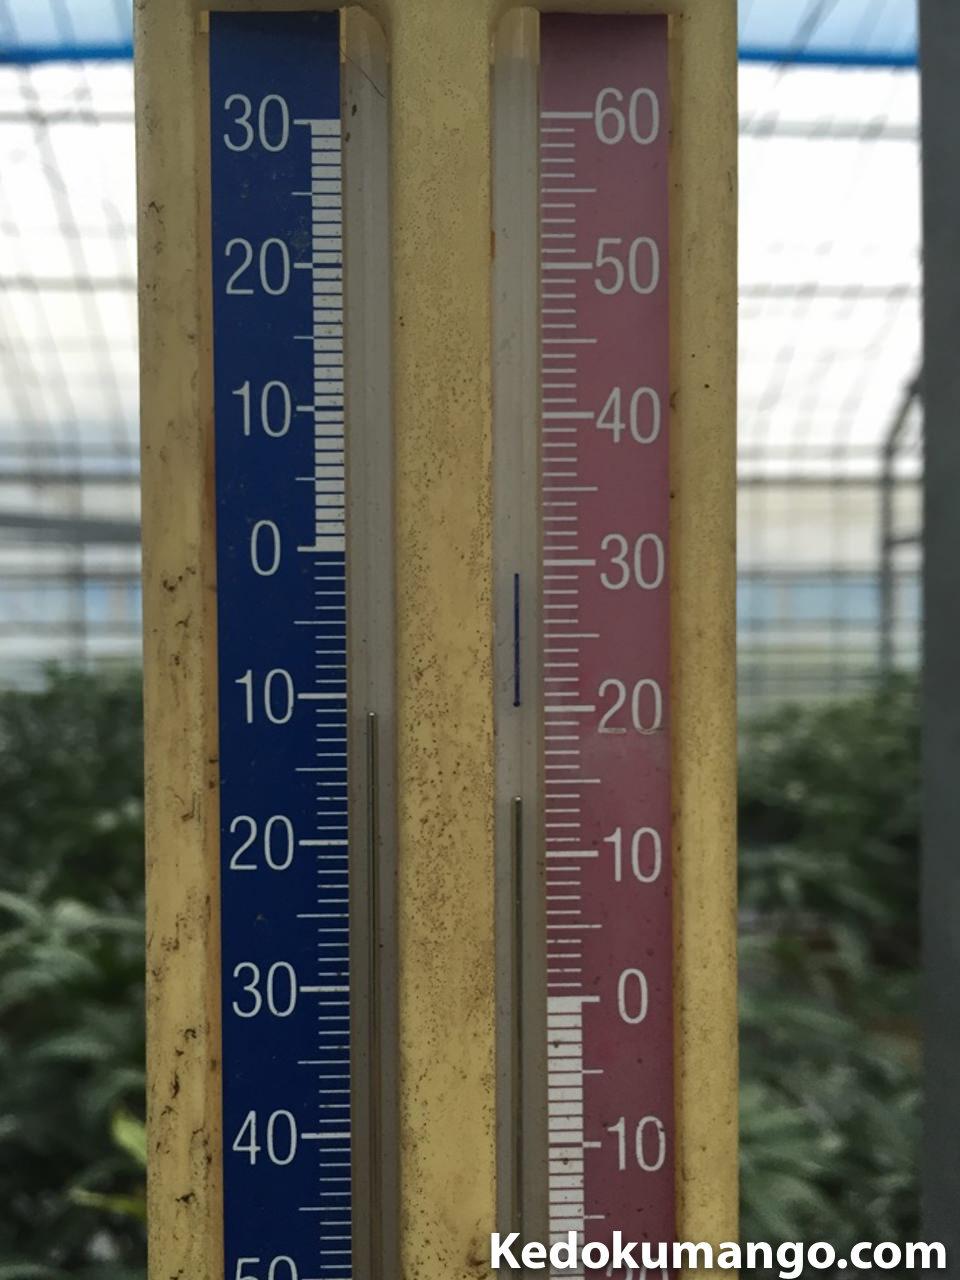 2016年1月15日のビニールハウス内の温度計